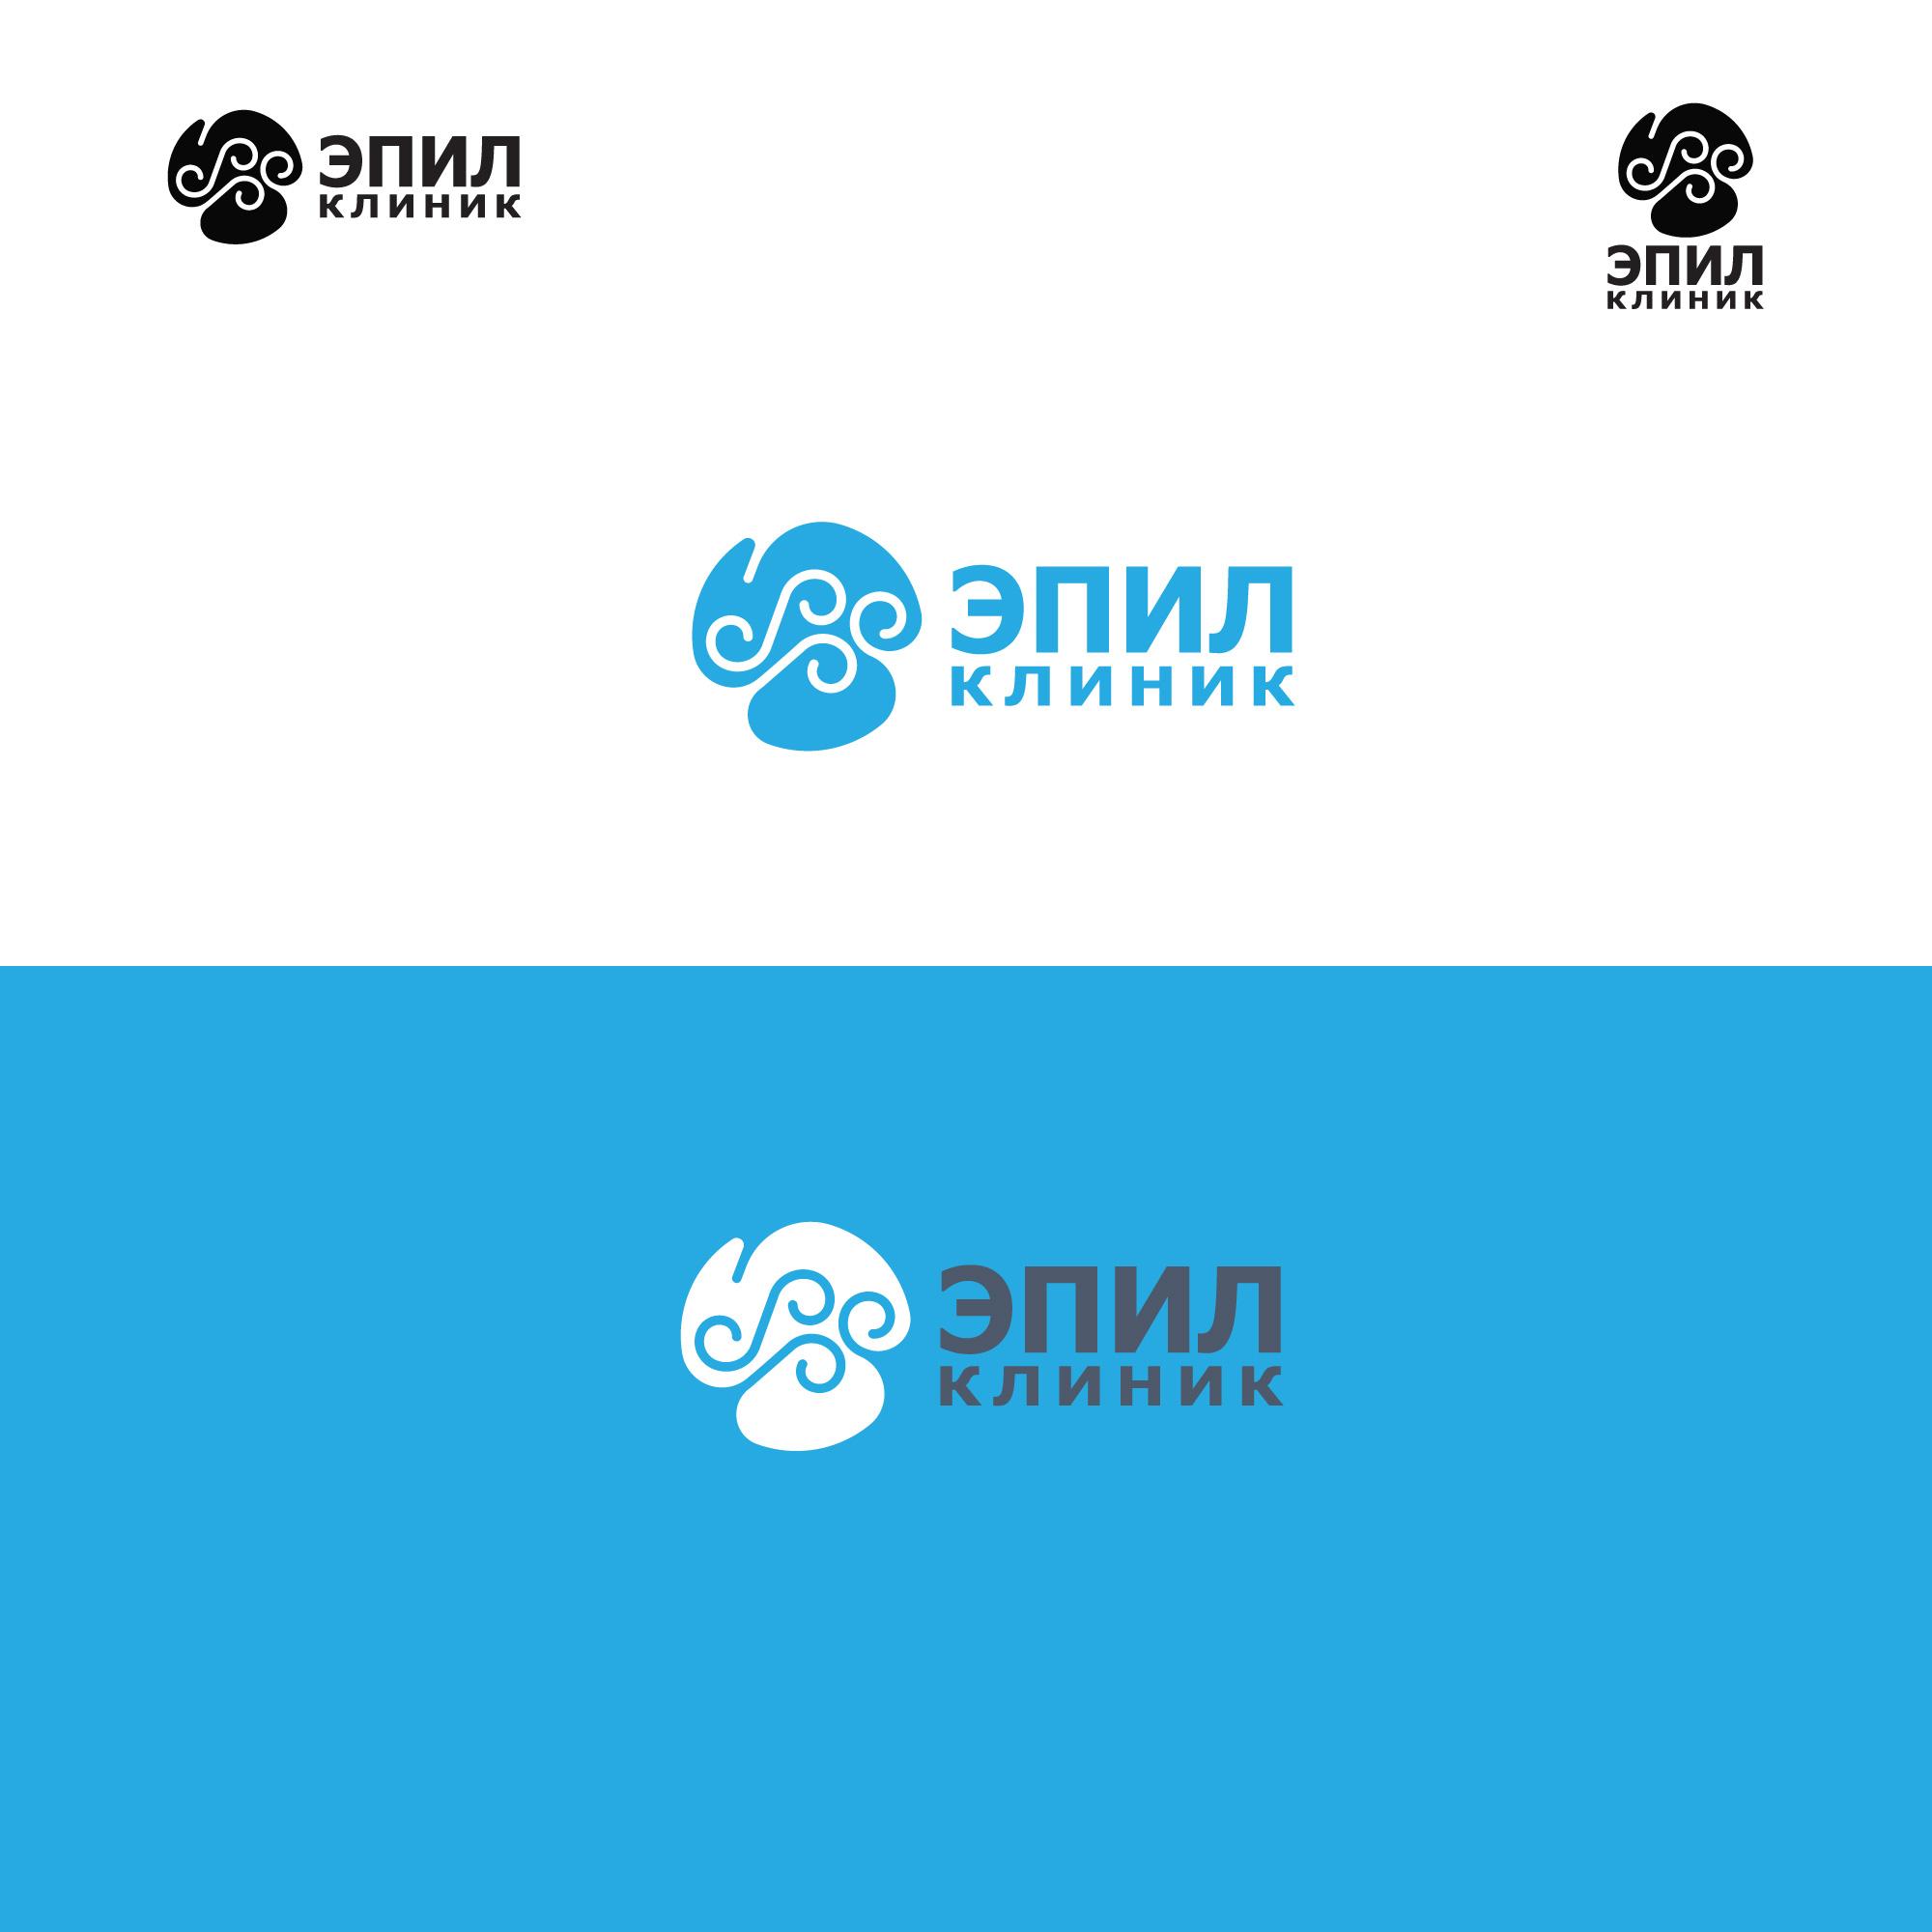 Логотип , фирменный стиль  фото f_3845e1ab29a6b4a7.jpg